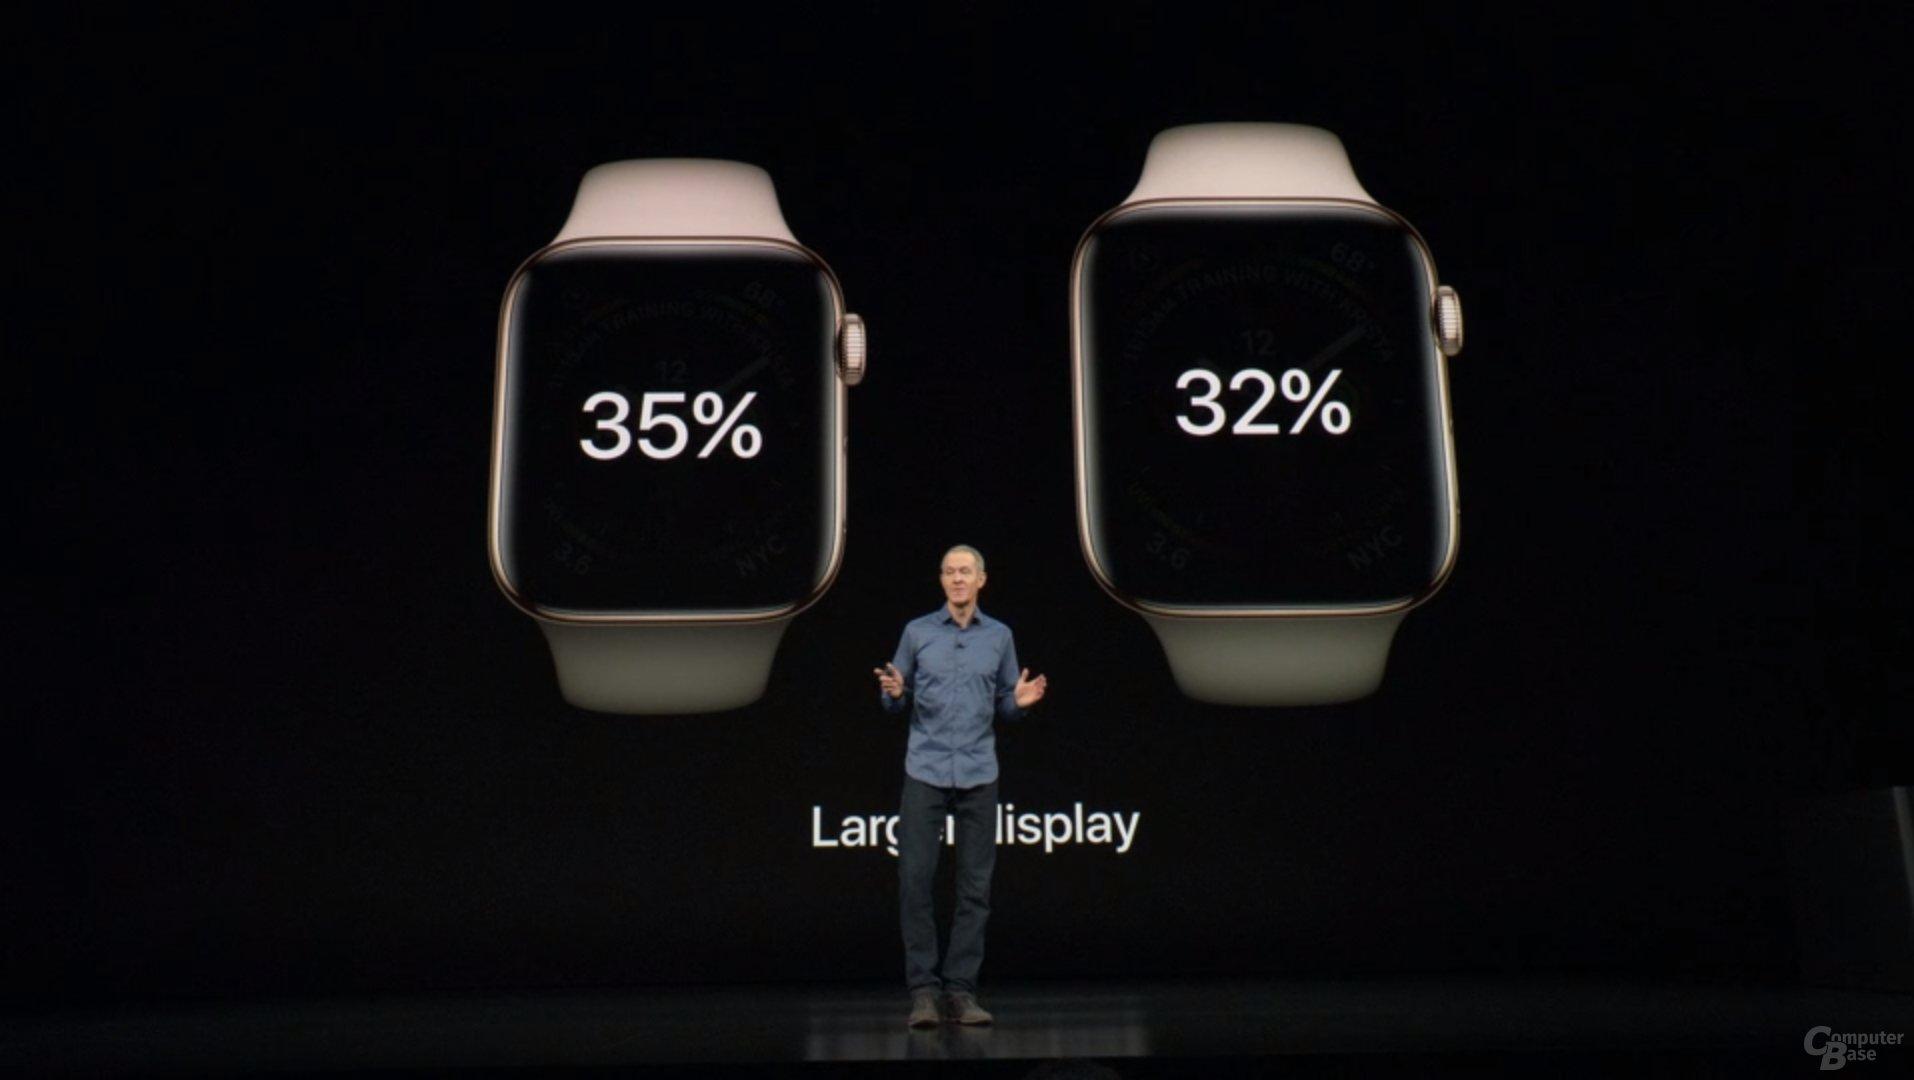 Apple Watch Series 4 – Jeweils über 30 Prozent größere Displays